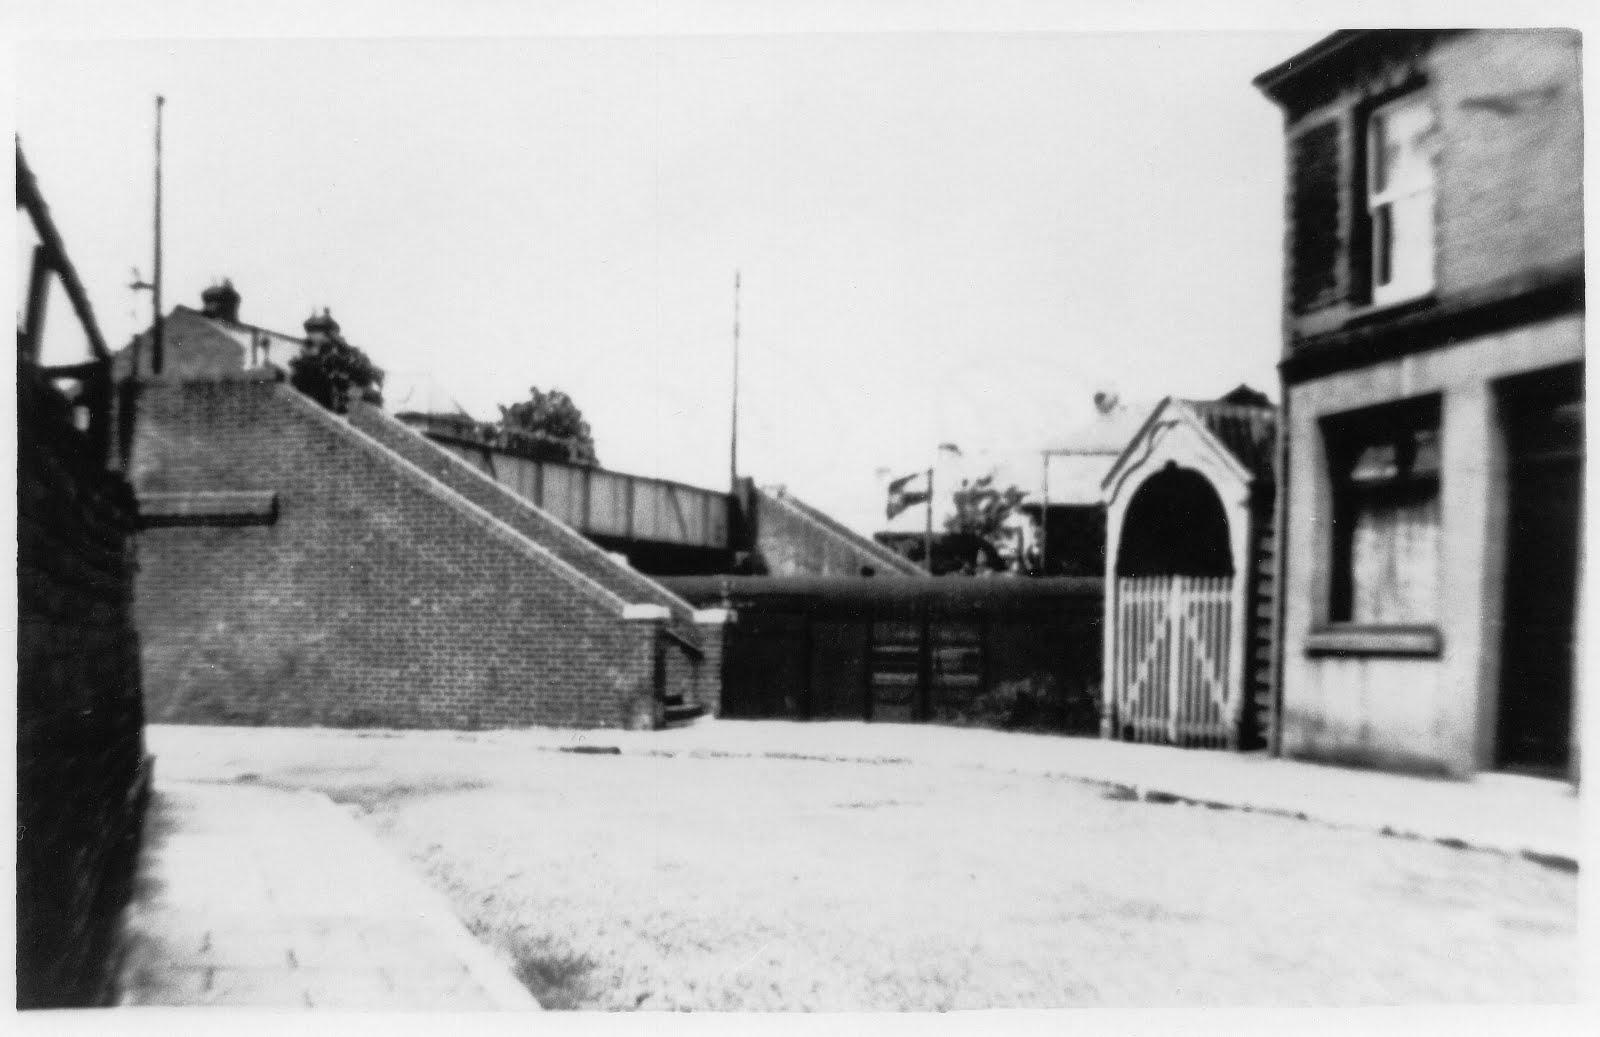 Entrance to Gosport Road station